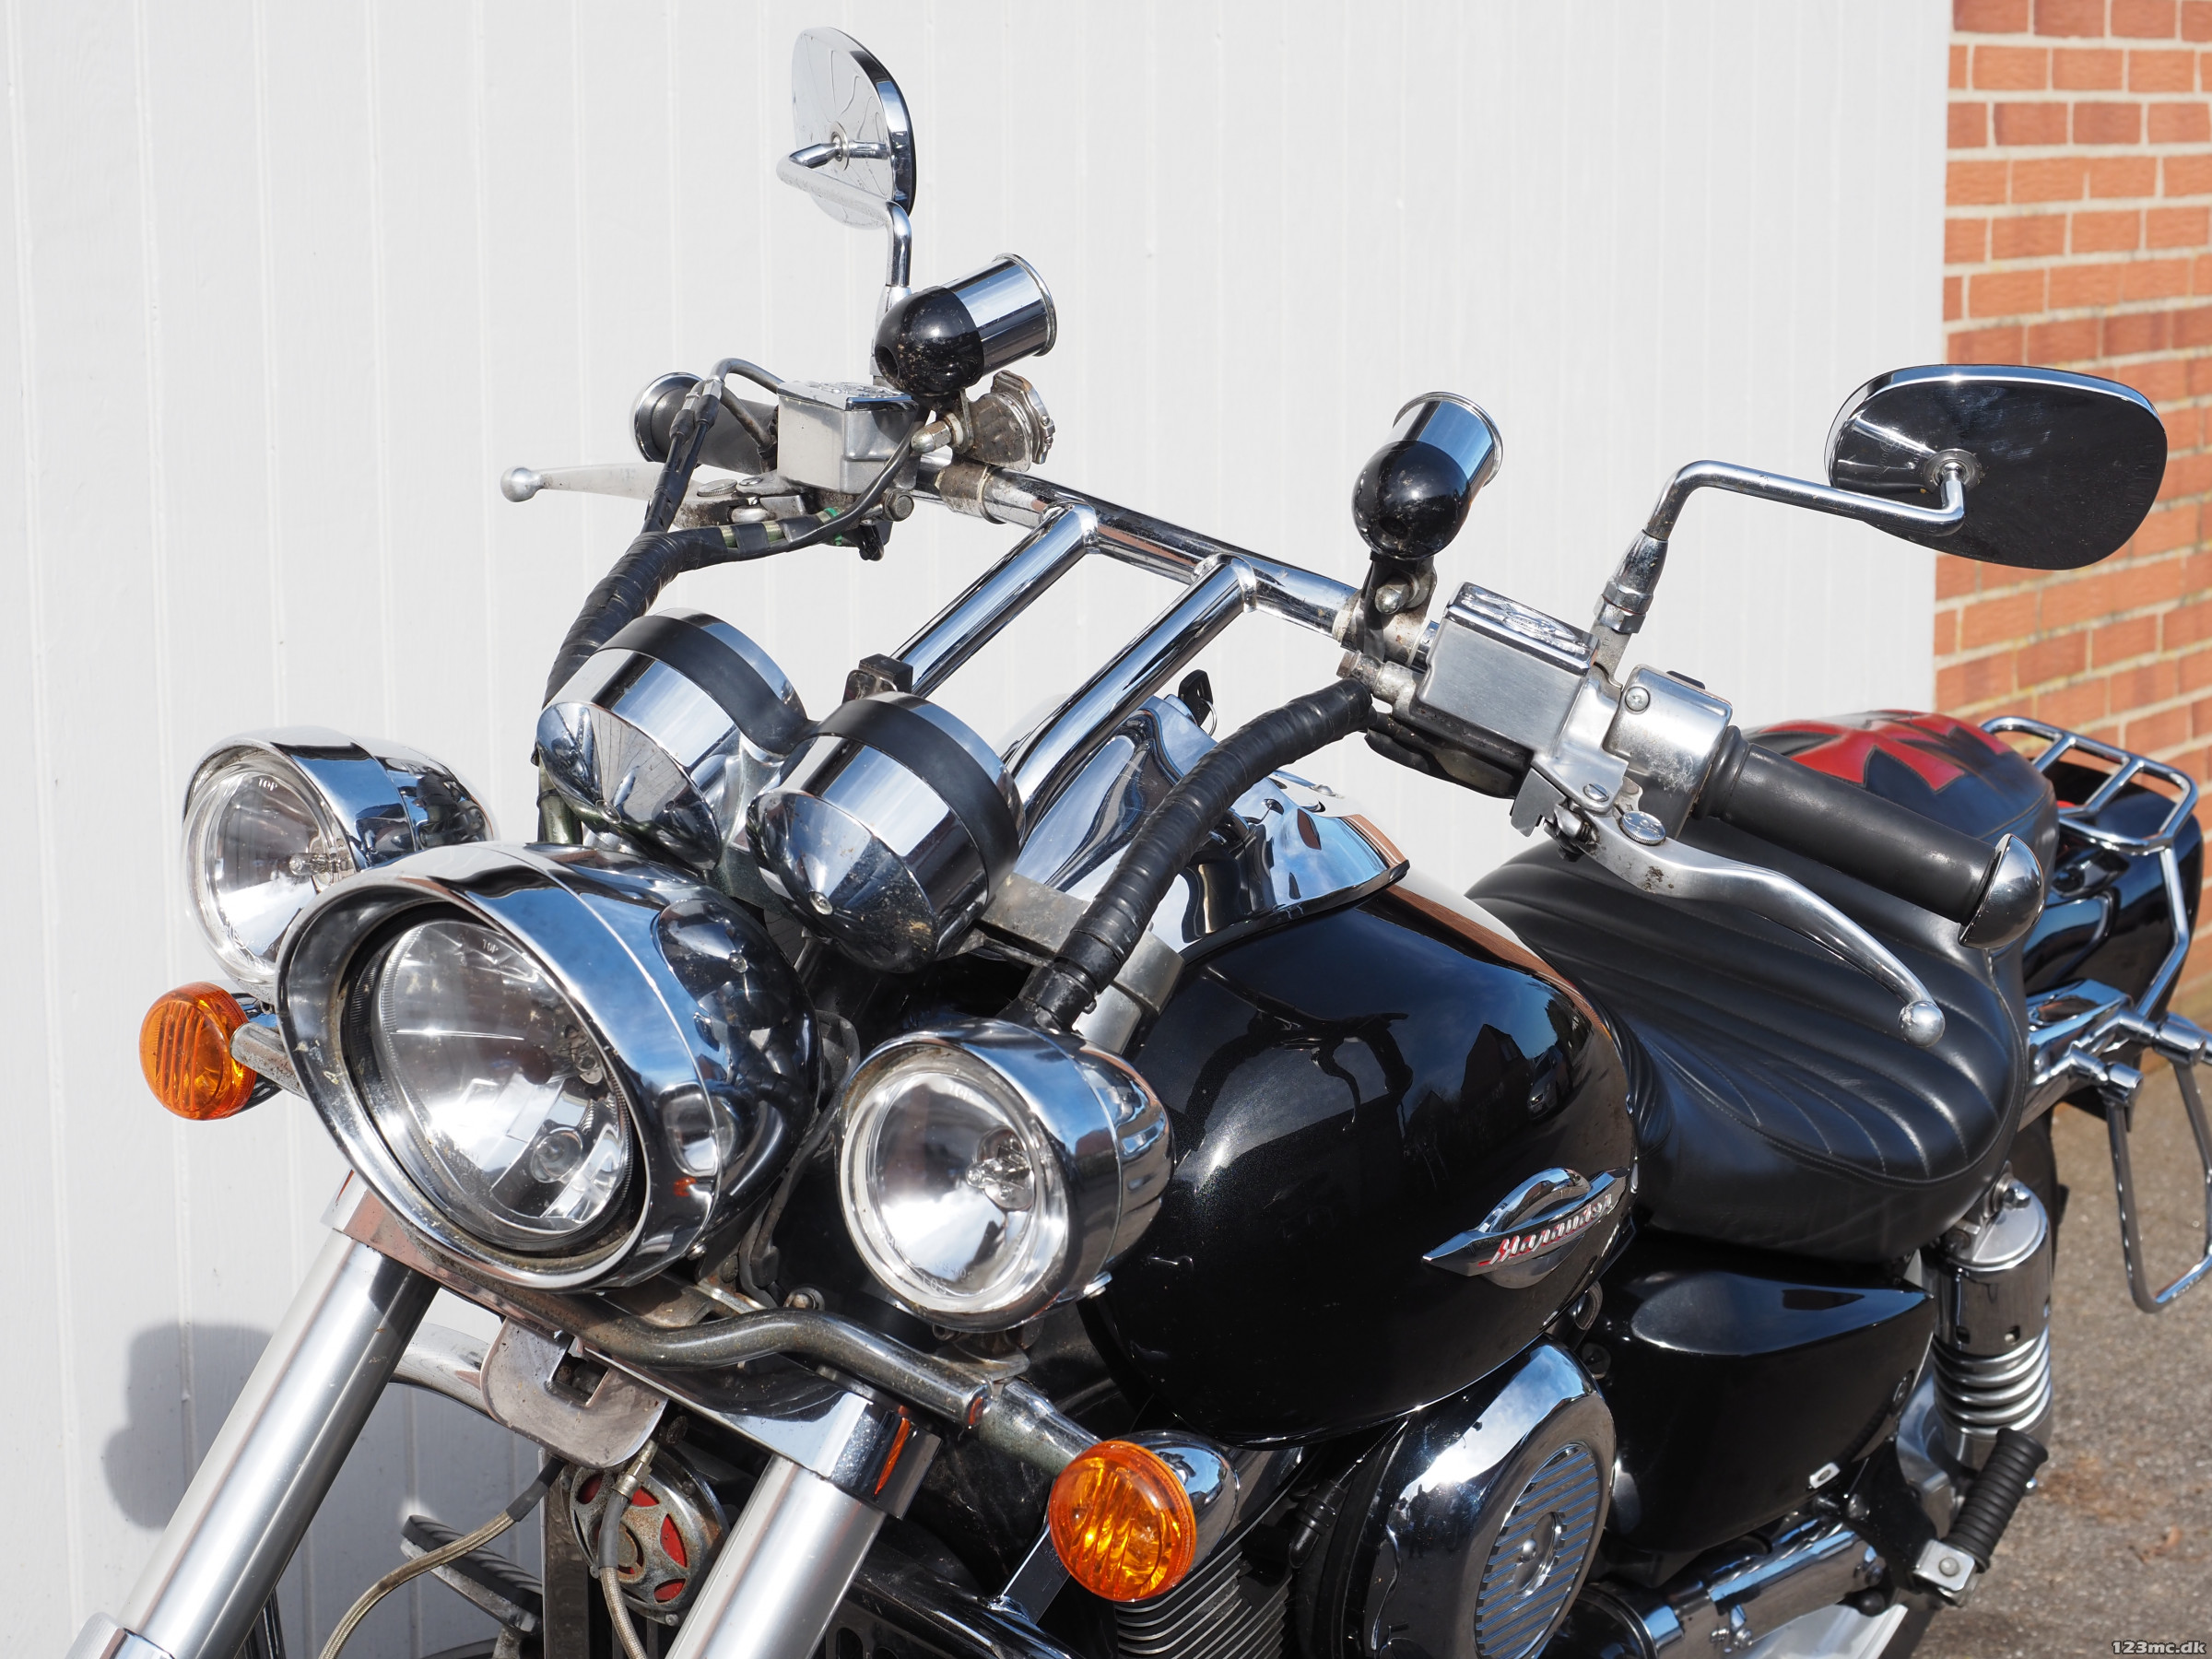 Suzuki VZ 1600 MARAUDER 2004 - Galerie moto - MOTOPLANETE